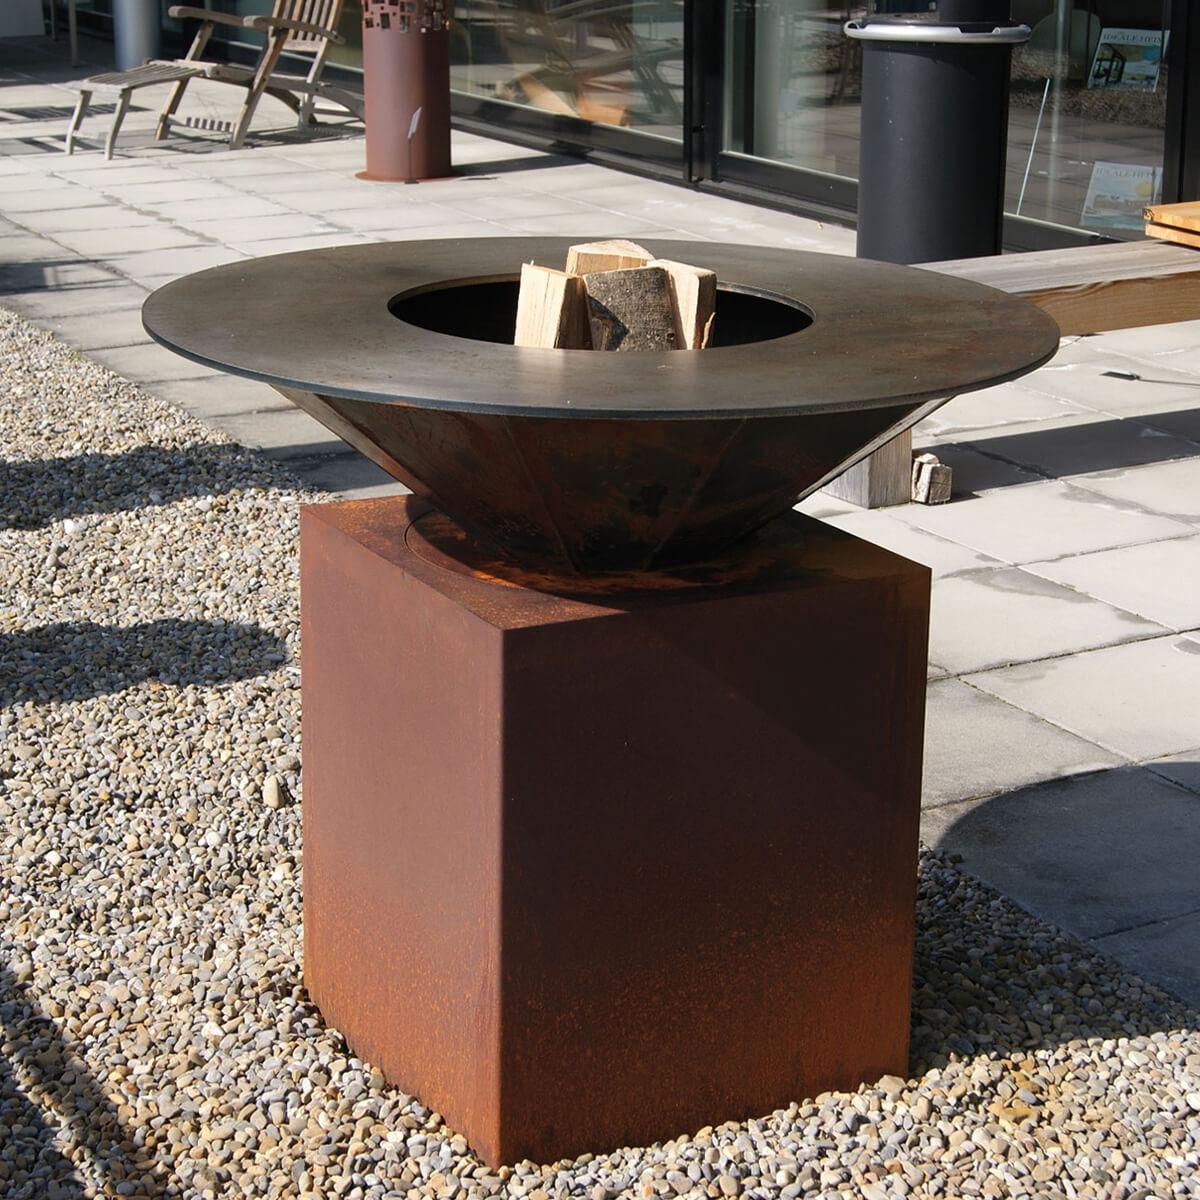 Schön Gartenfeuerstelle Bilder Von Wohndesign Idee